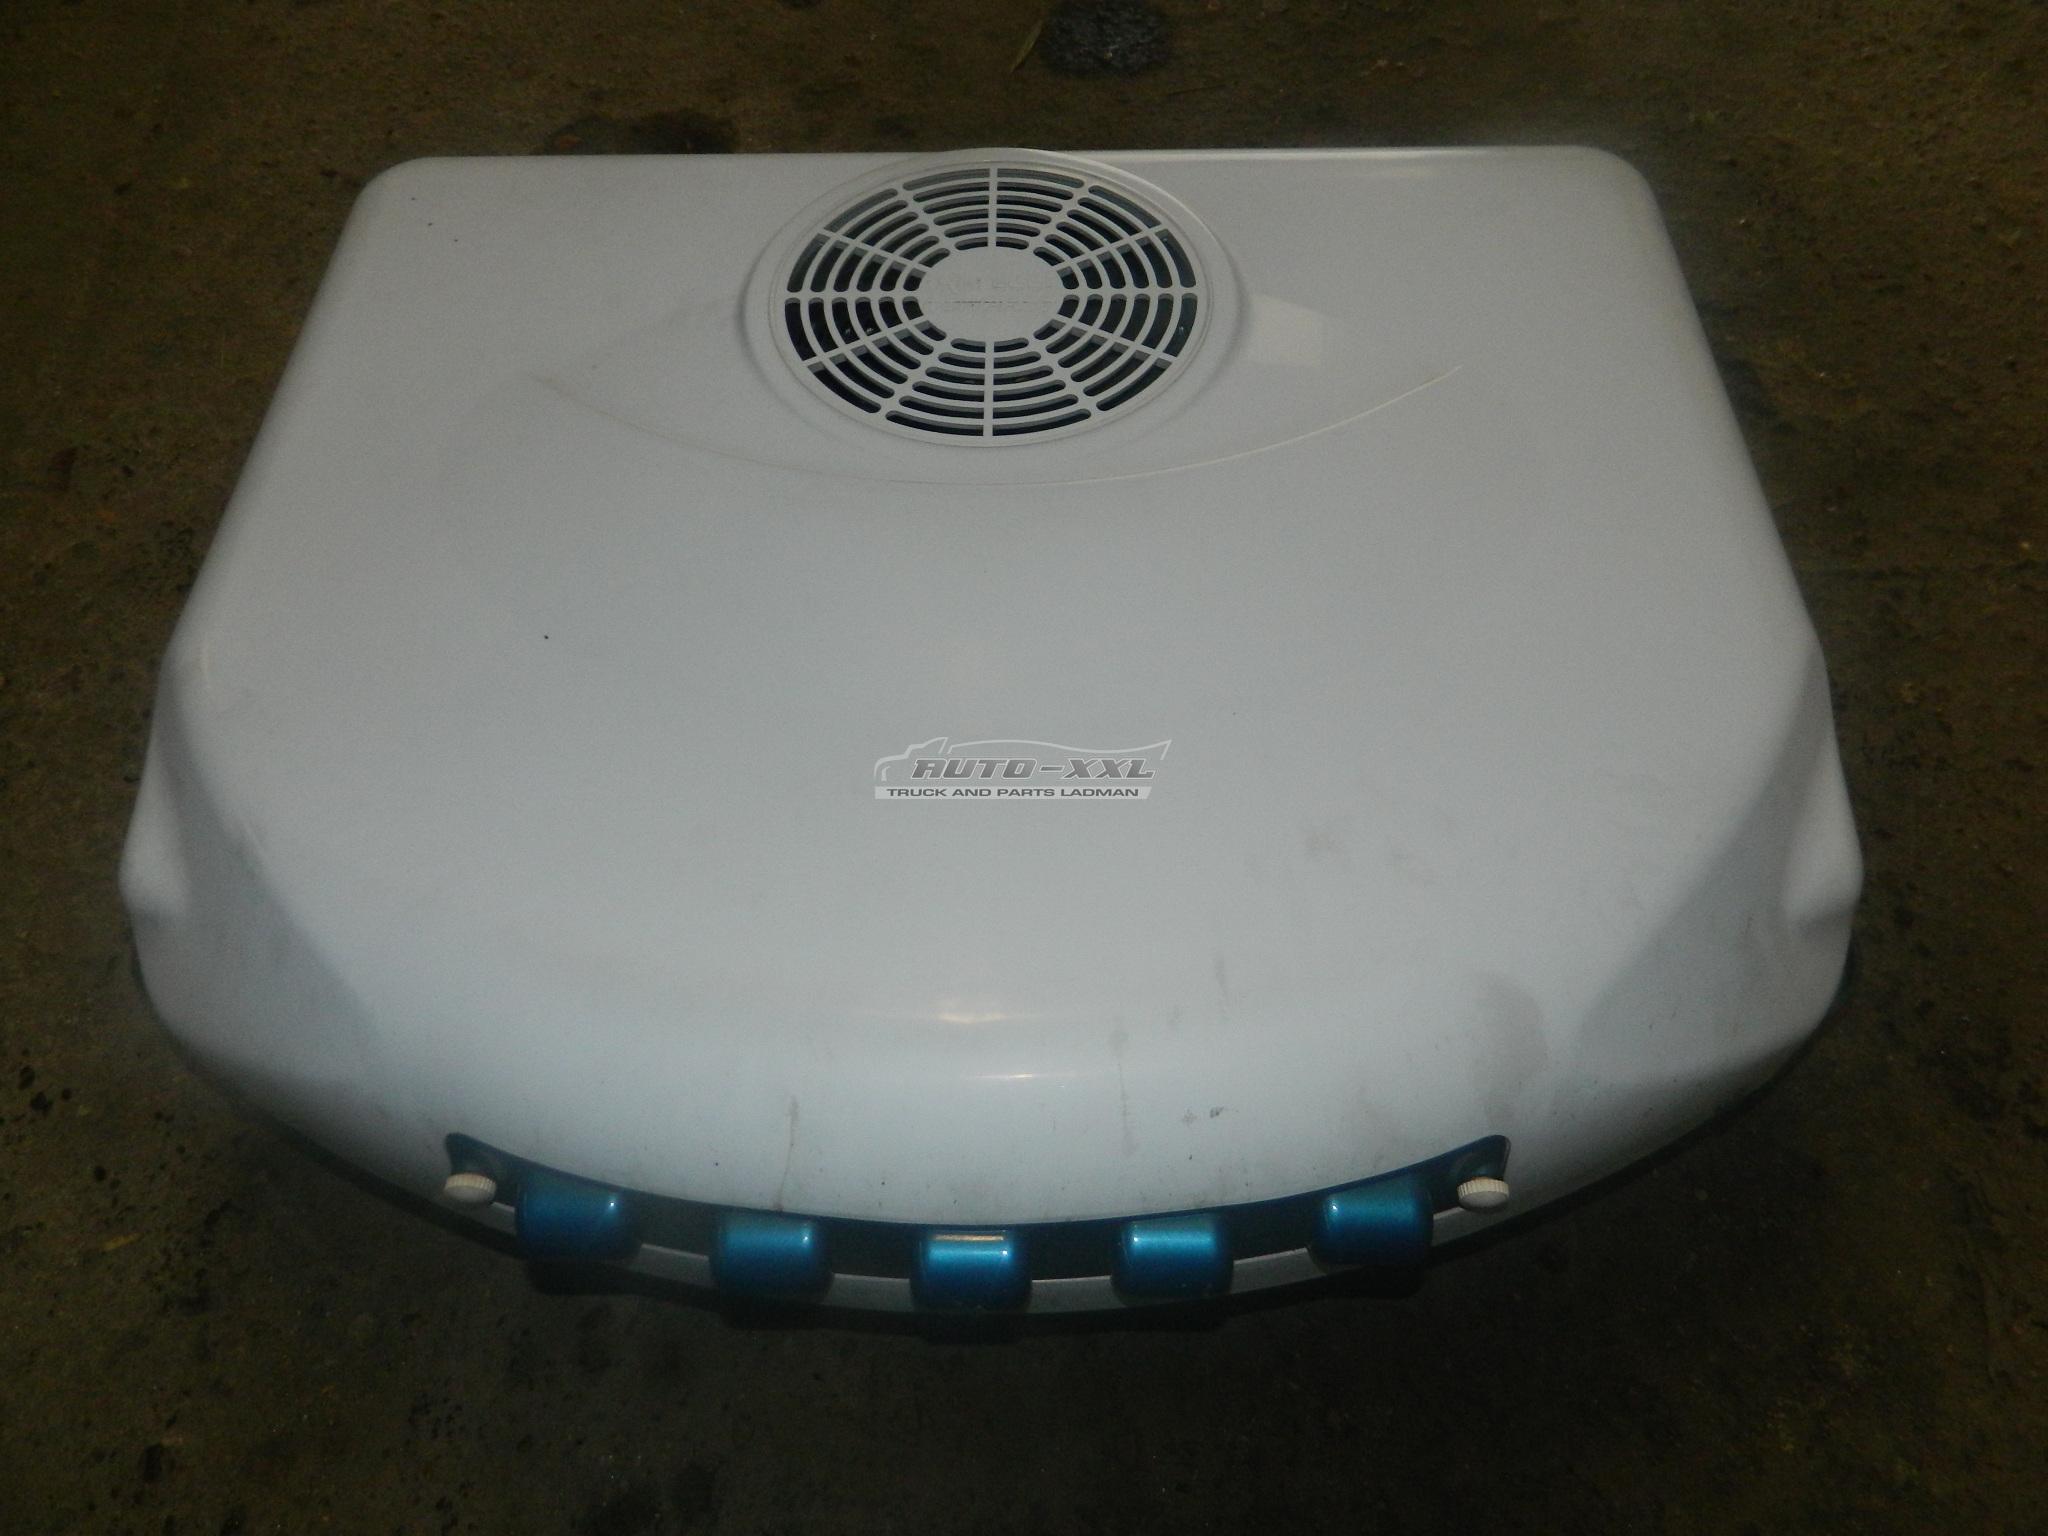 střešní externí kompresorová klimatizace DIRNA Compact 1400